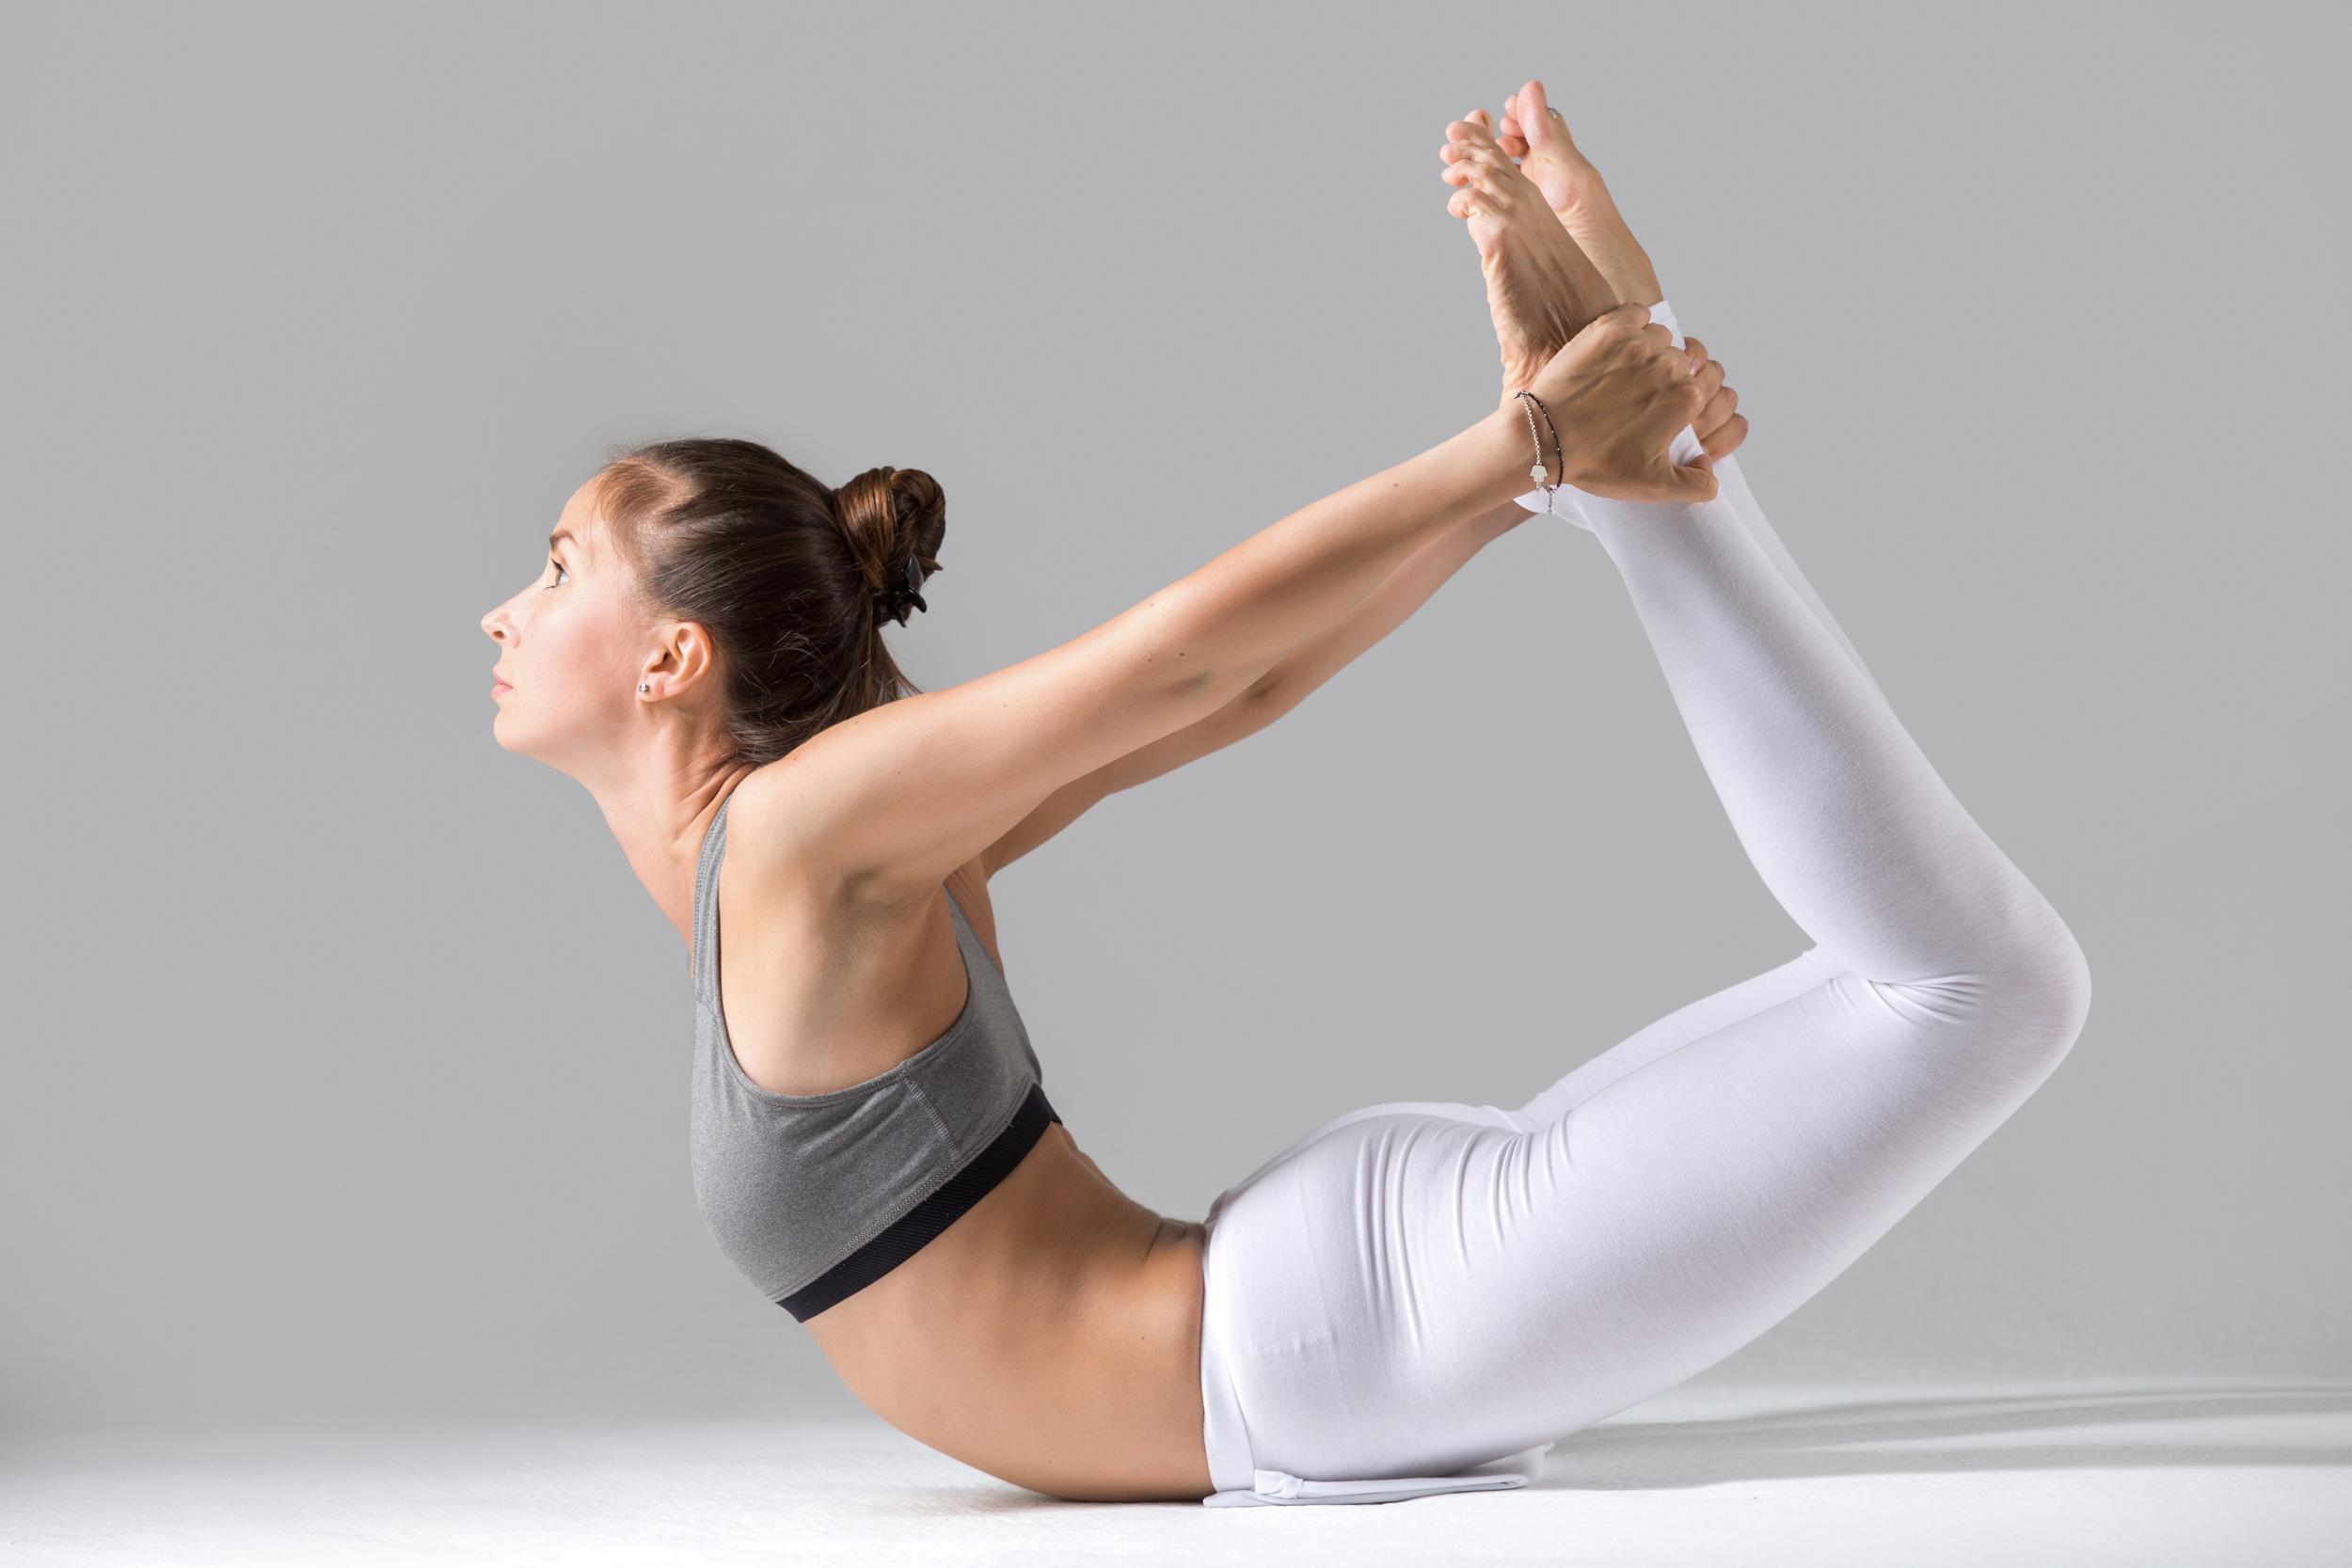 Йога ярославль индивидуальные занятия